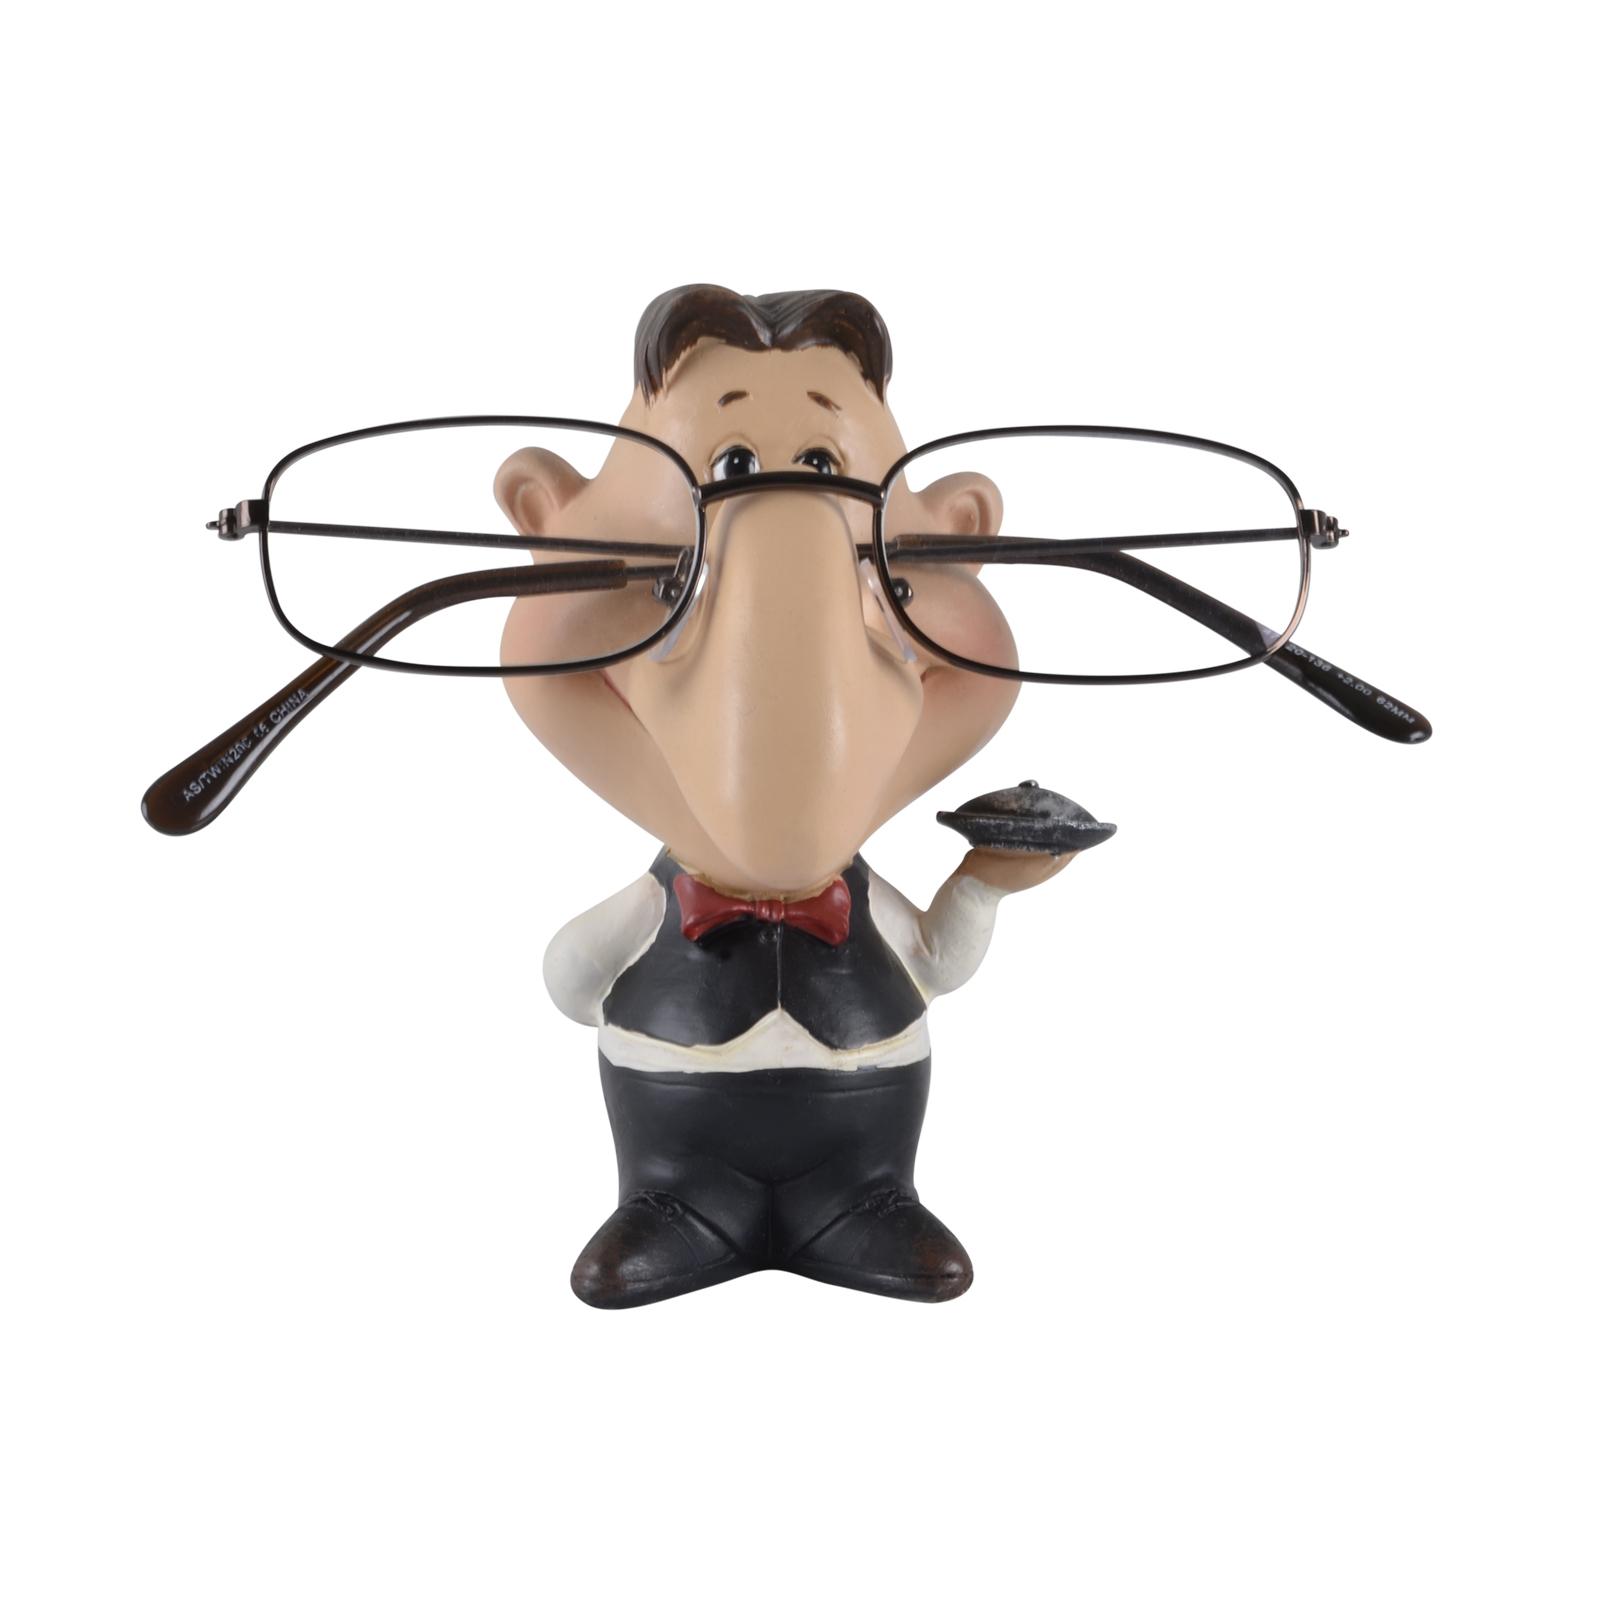 novelty reading glasses holder figure gift ornament